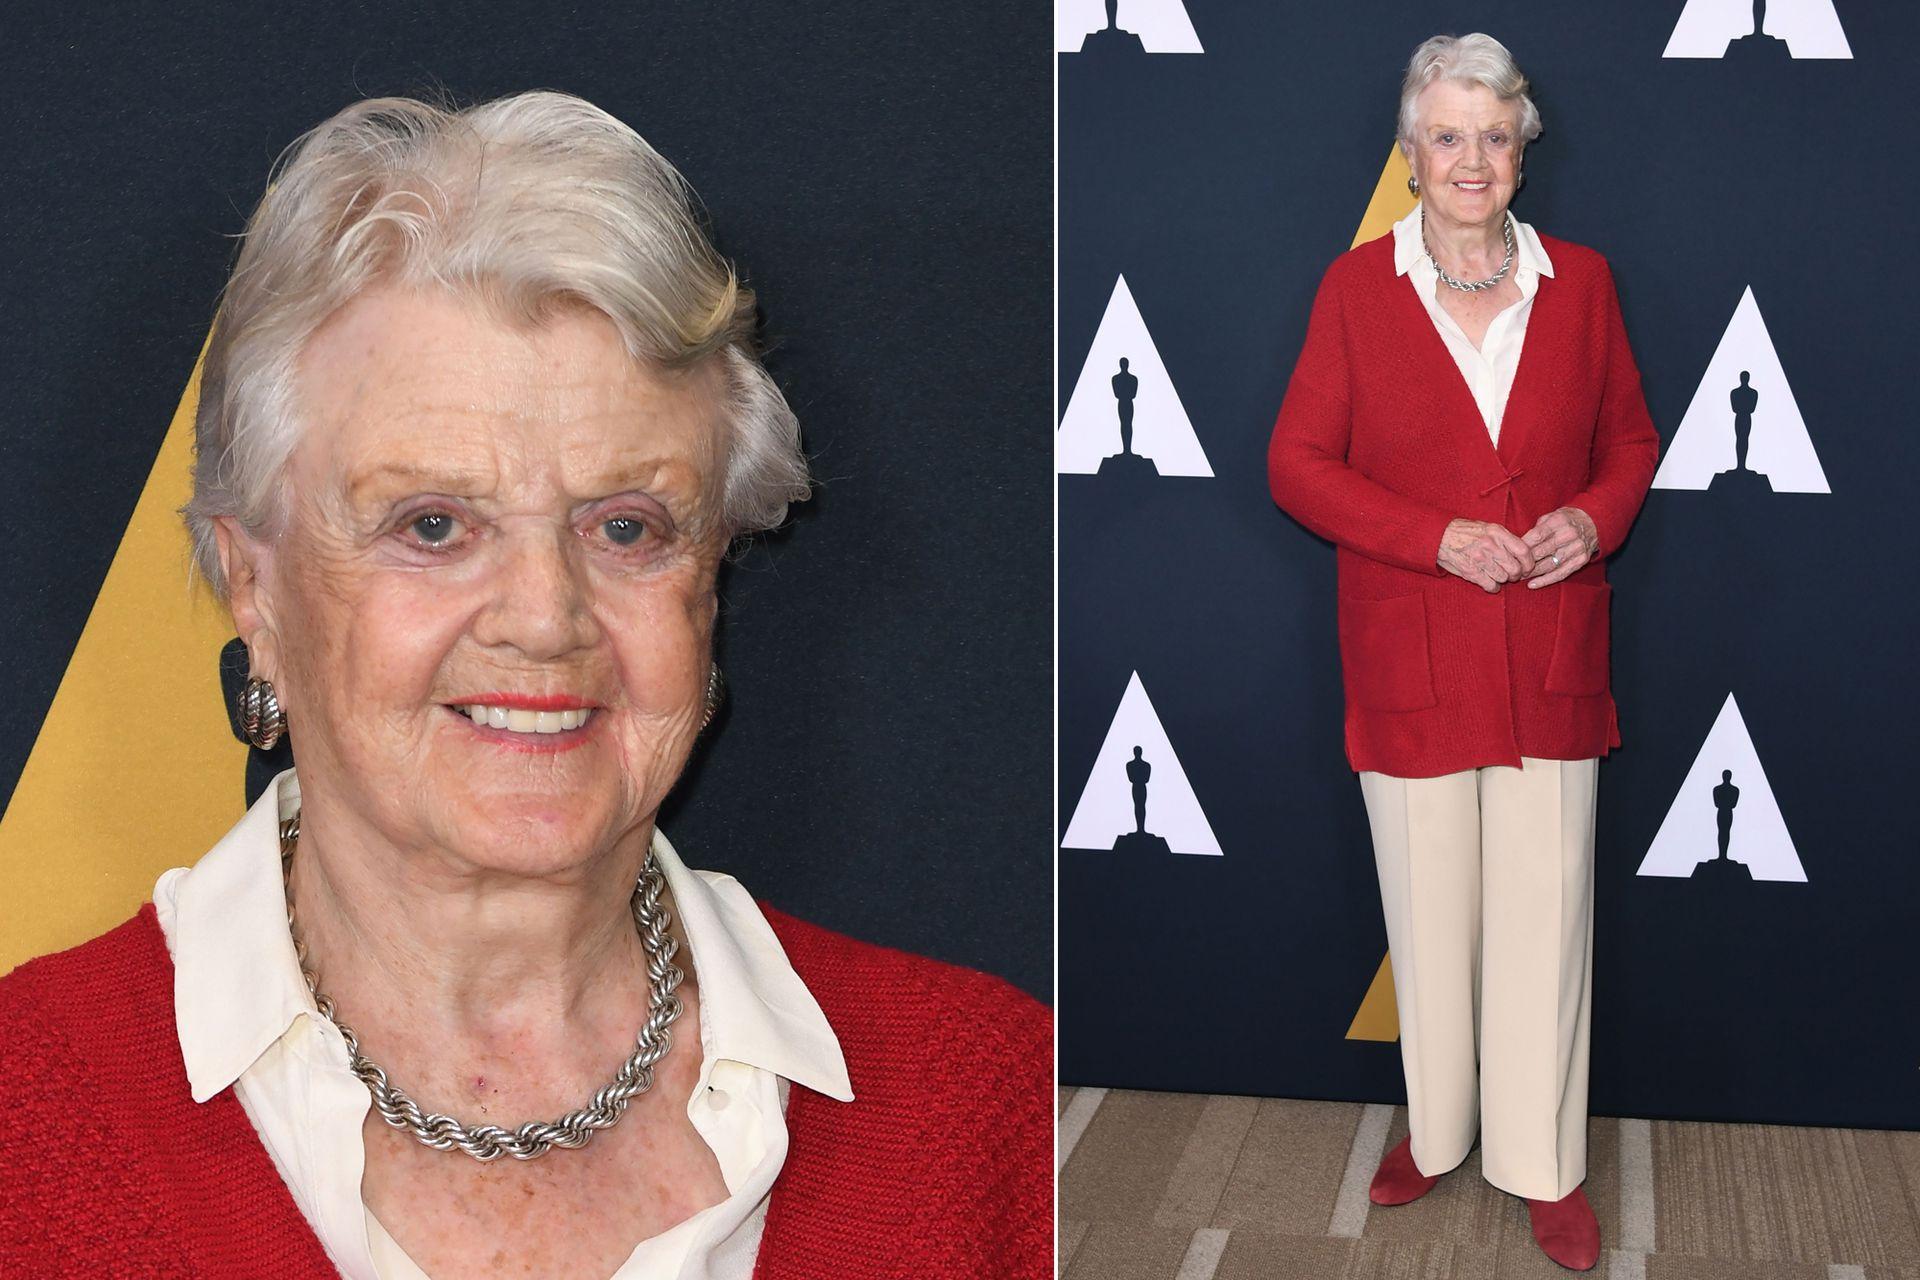 Angela Lansbury, la protagonista de la recordada serie La reportera del crimen, concurrió al evento de la Robert Osborne Celebration of Classic Film en la Academia de Cine, Artes y Ciencias de Hollywood